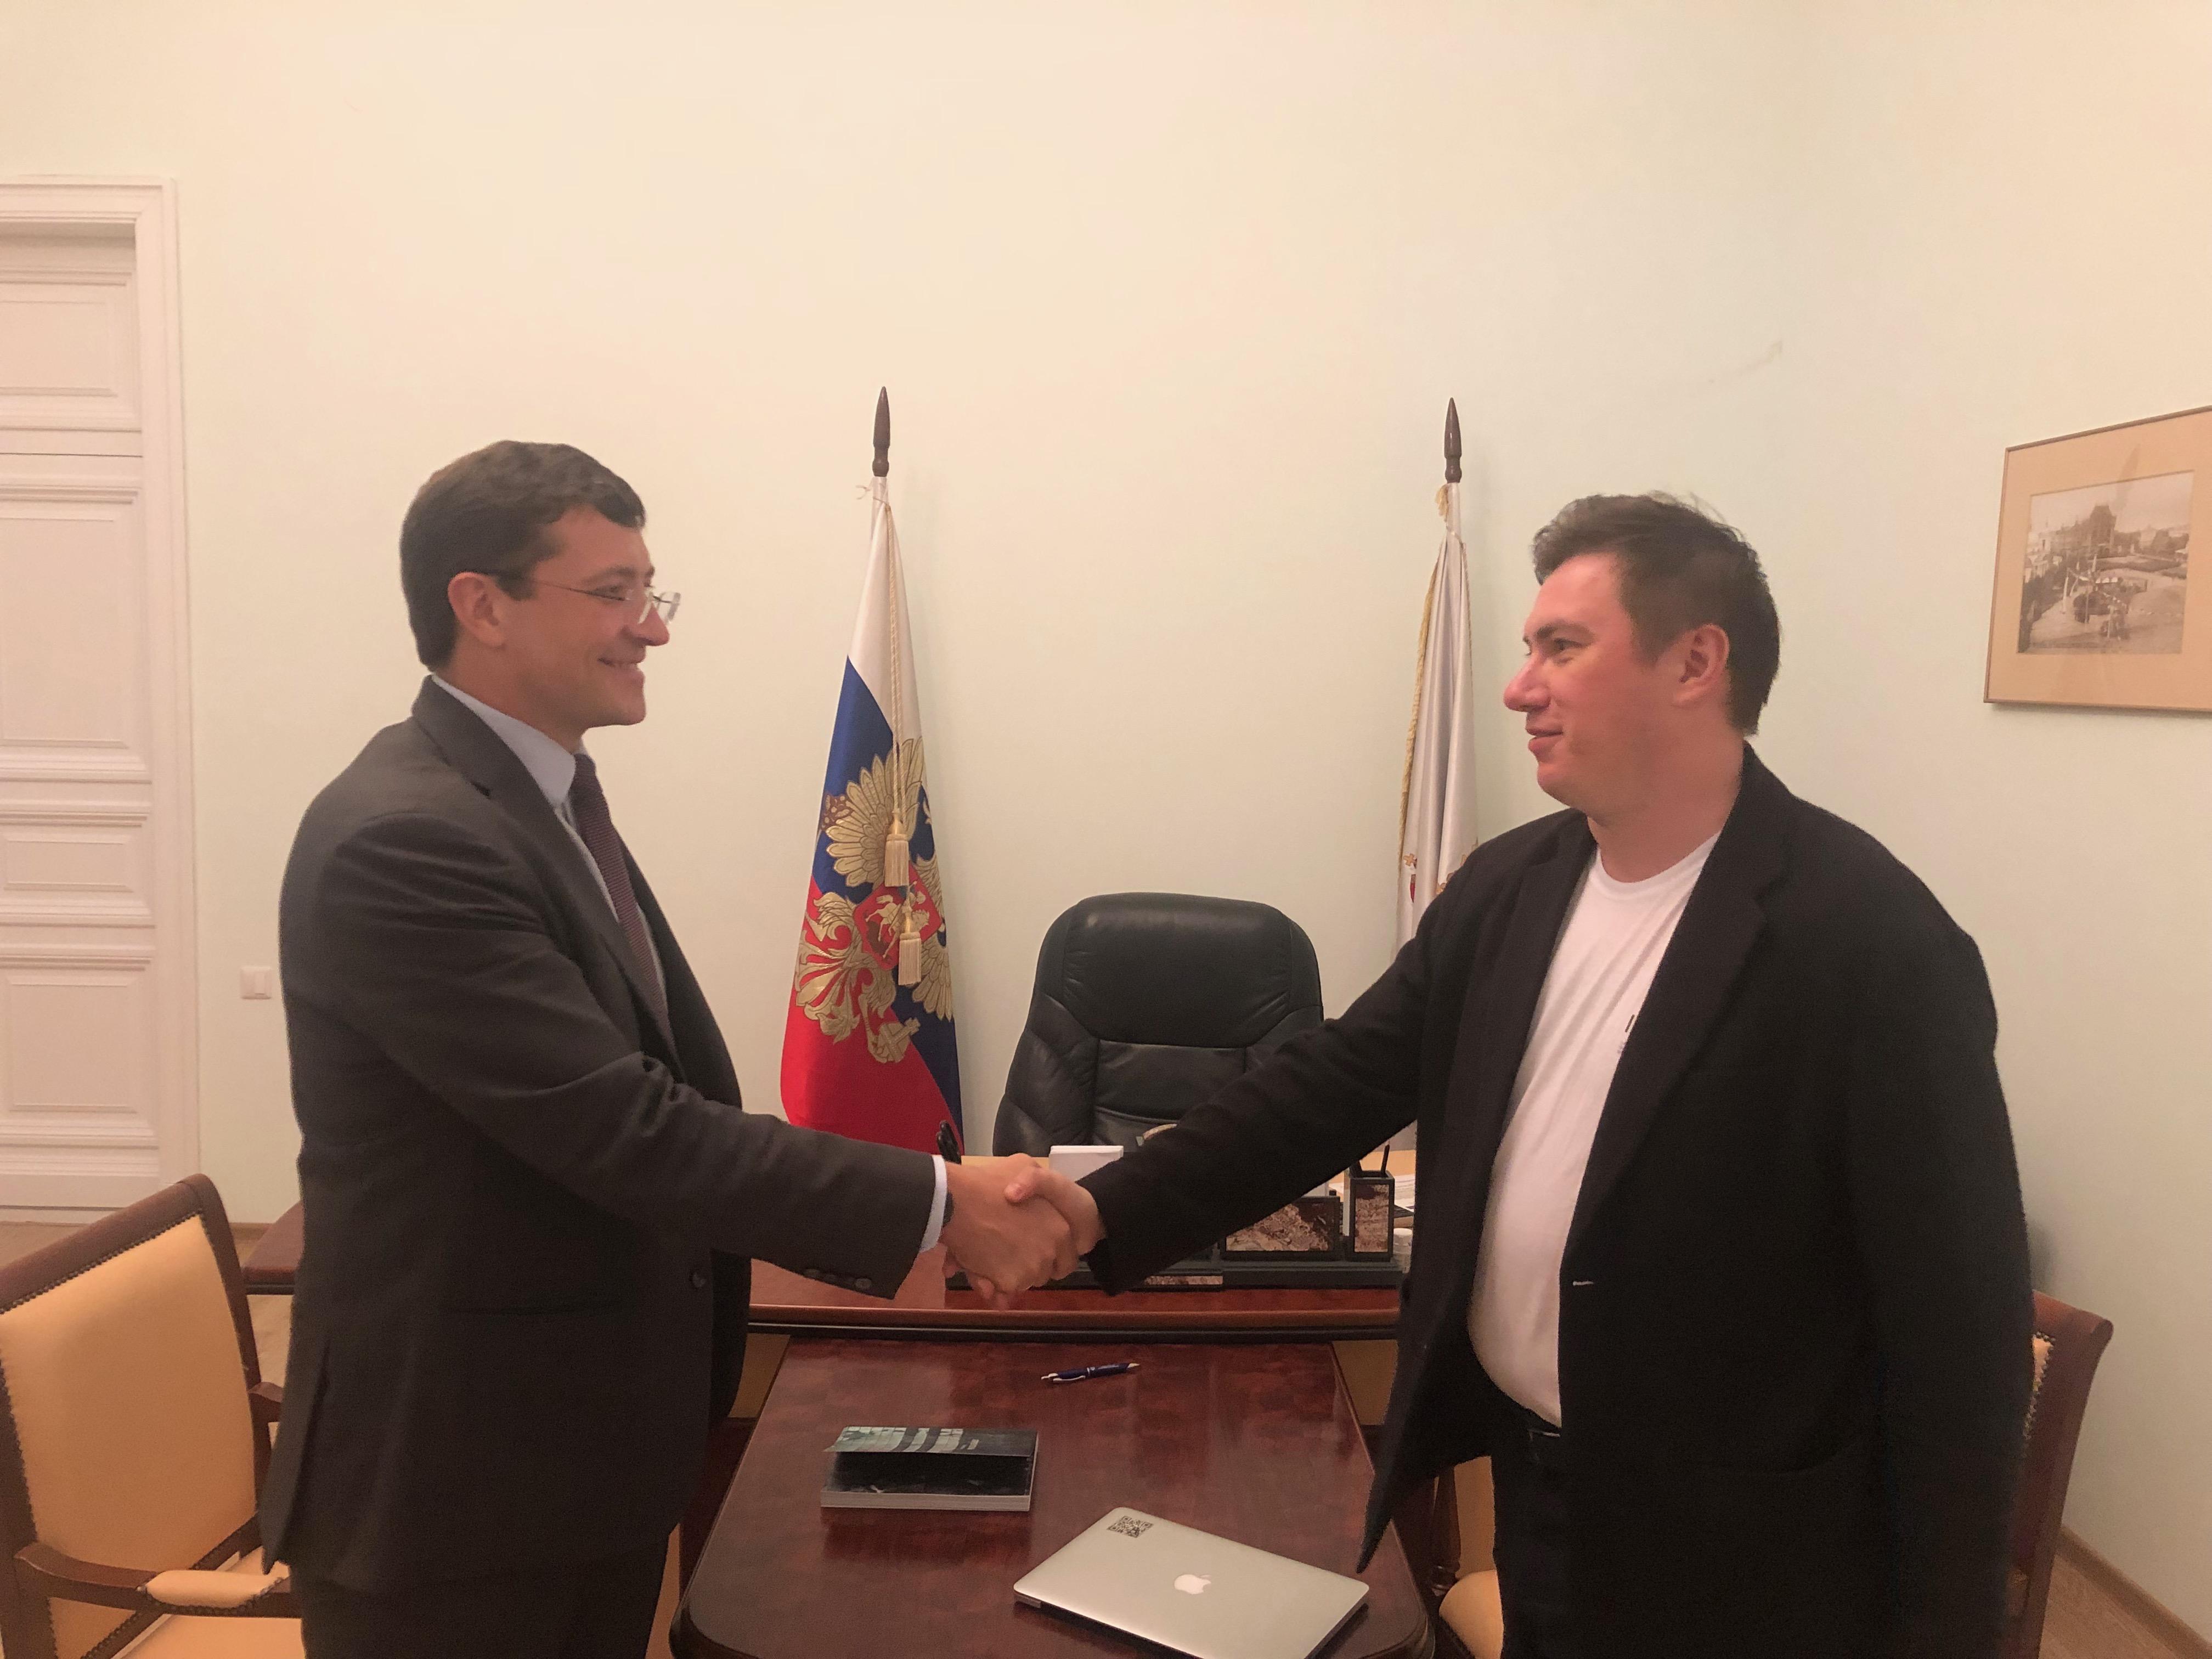 «Неиспользуемым промзонам в Дзержинске необходима перезагрузка», - Глеб Никитин